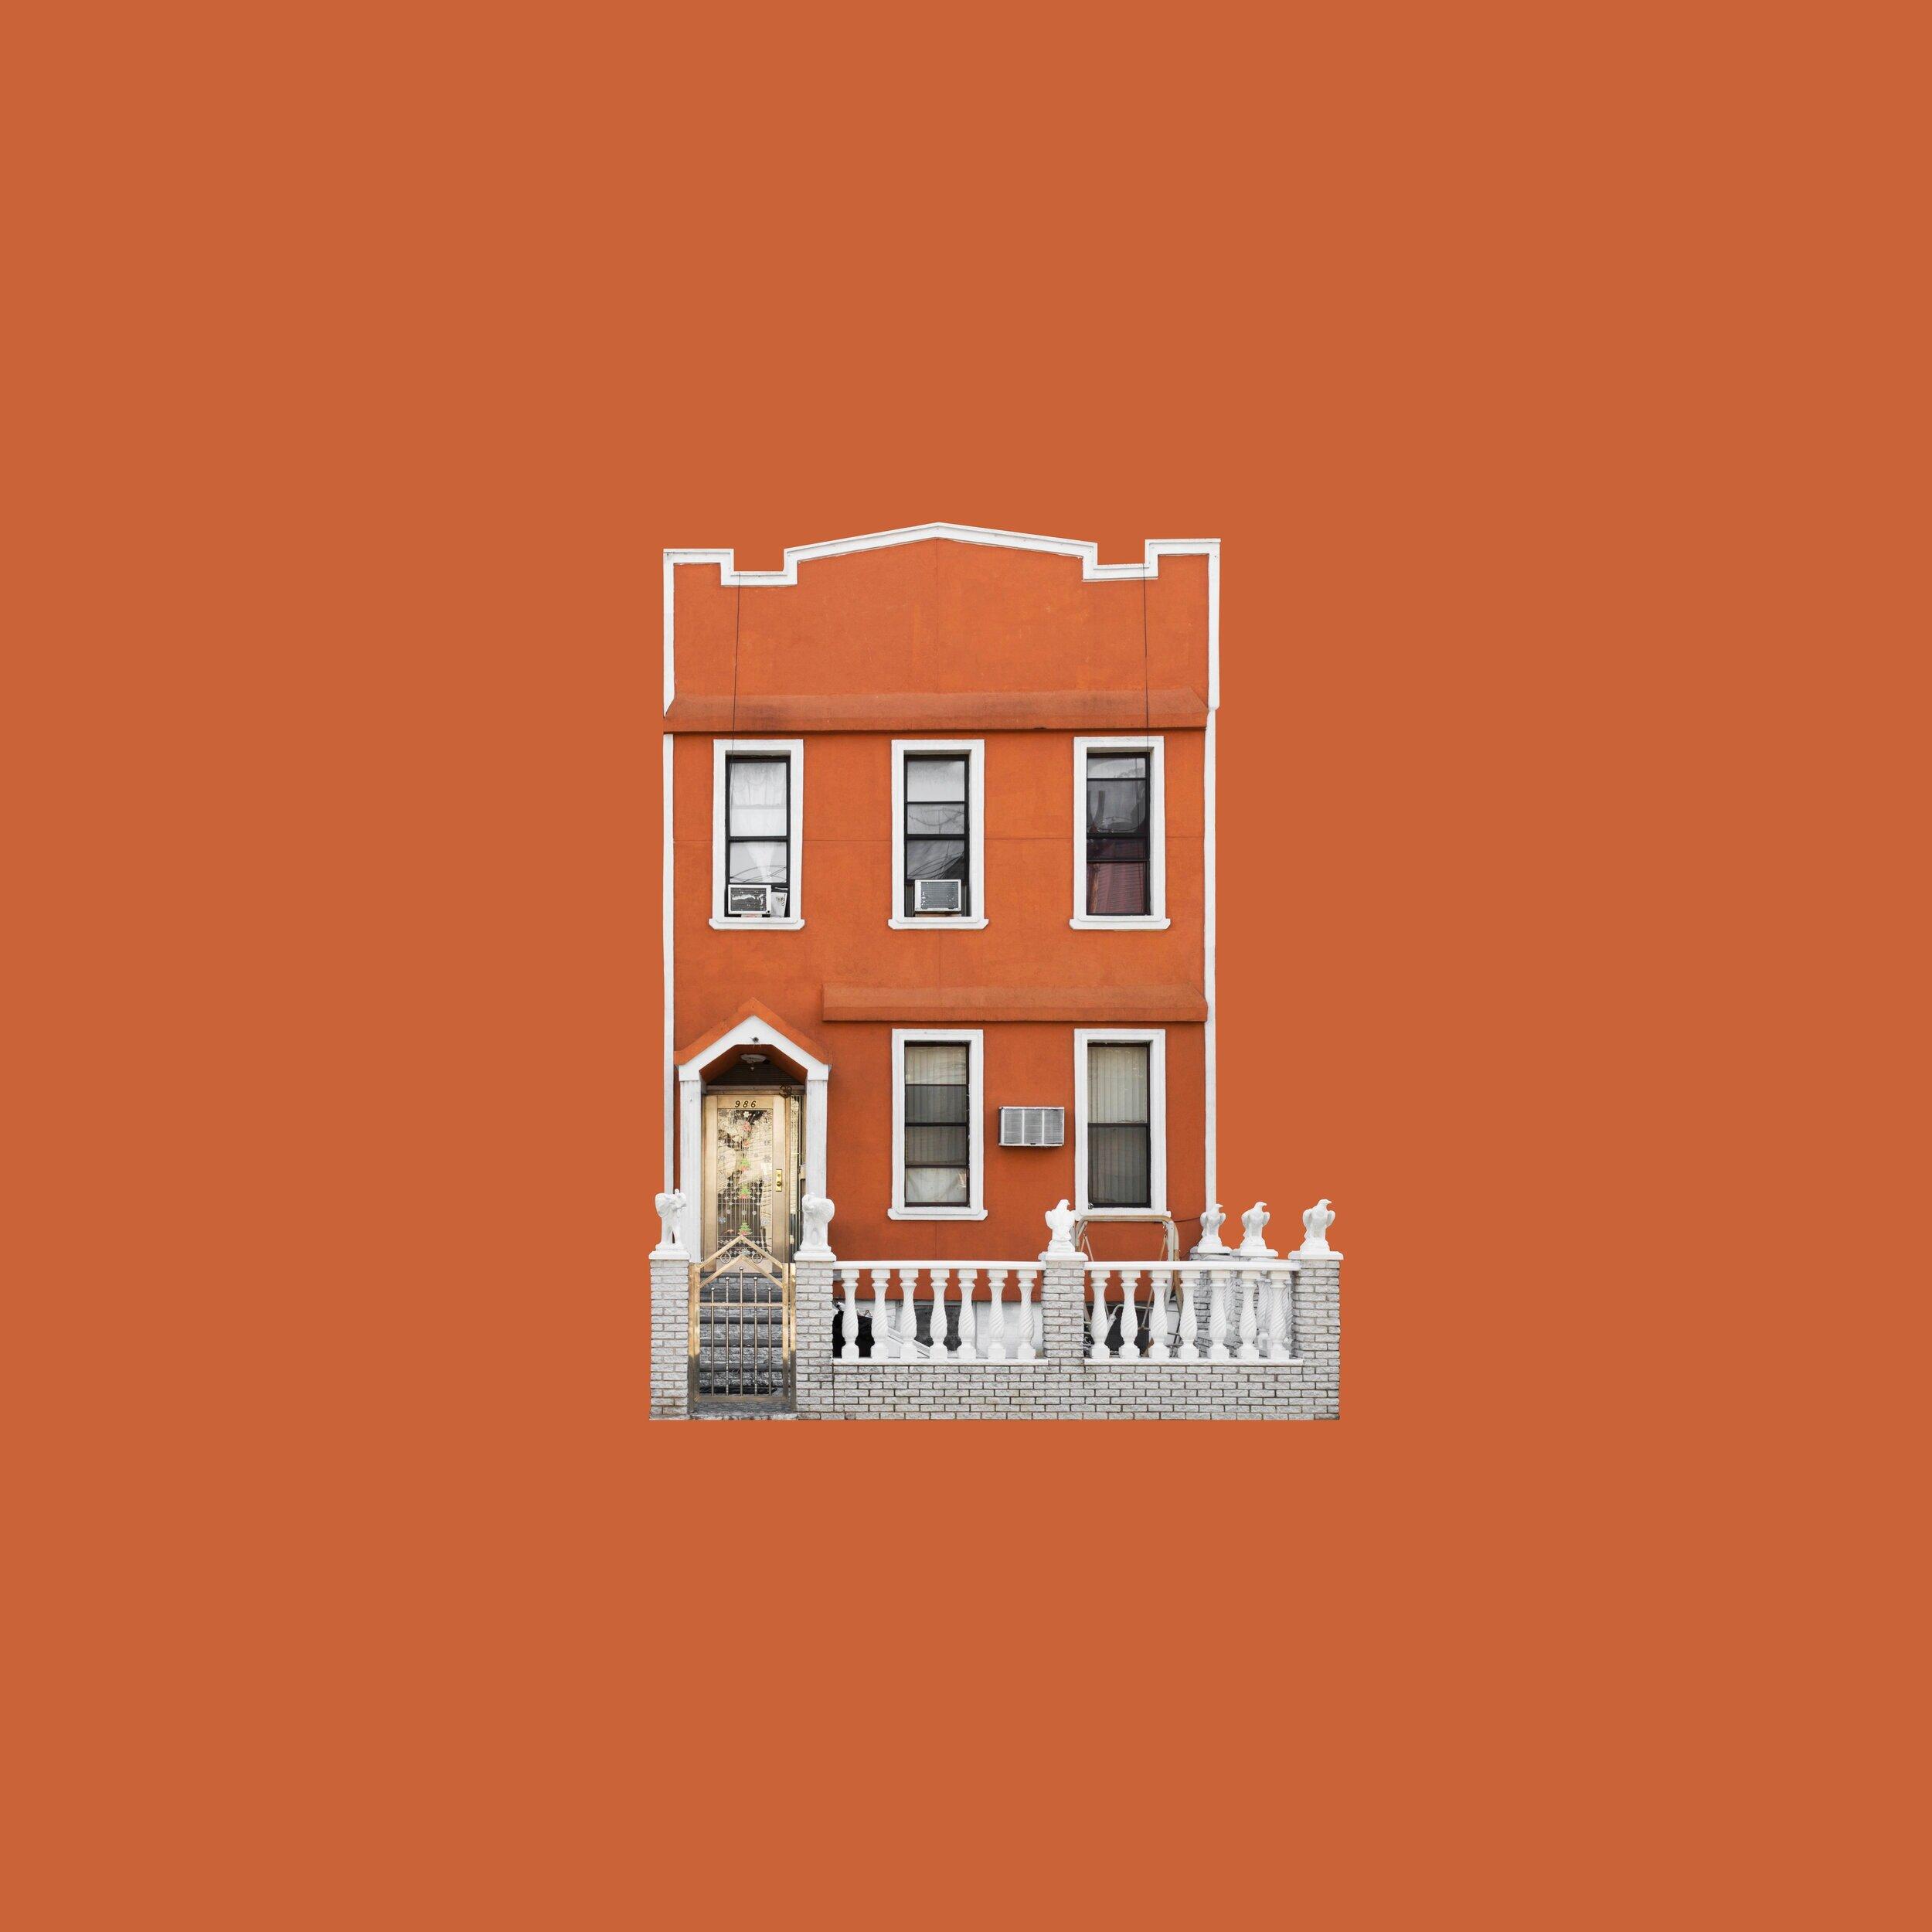 treat gallery    New York, NY